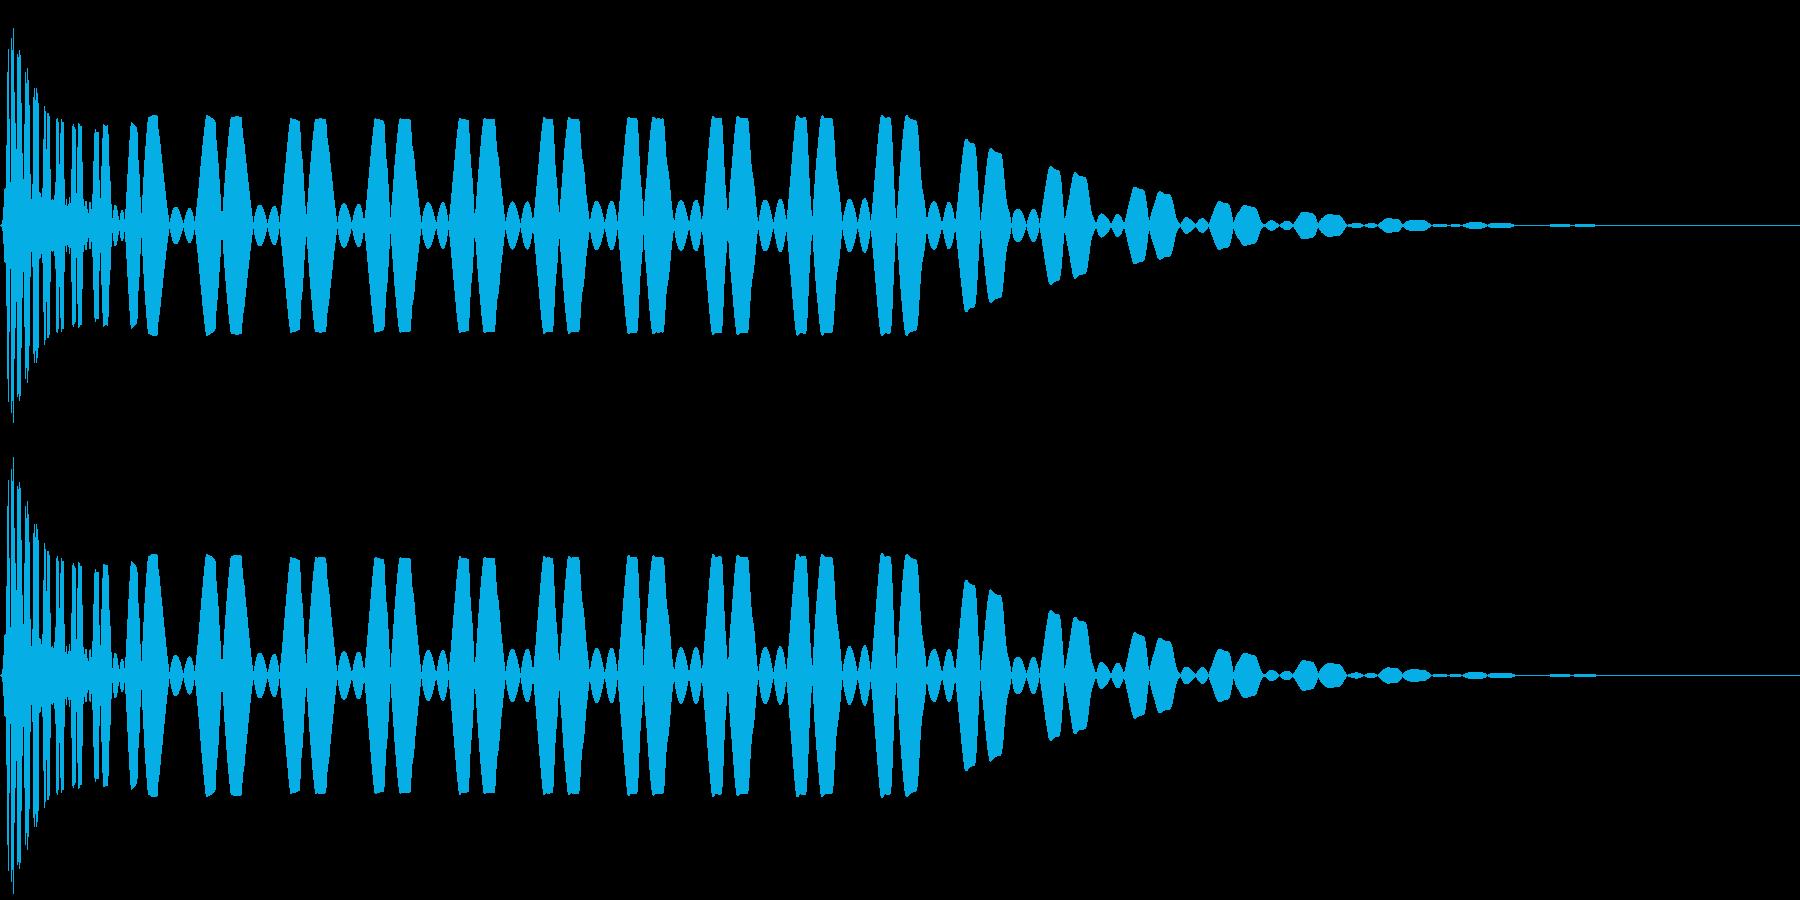 キック/ドラム/デジタル/Key-Fの再生済みの波形